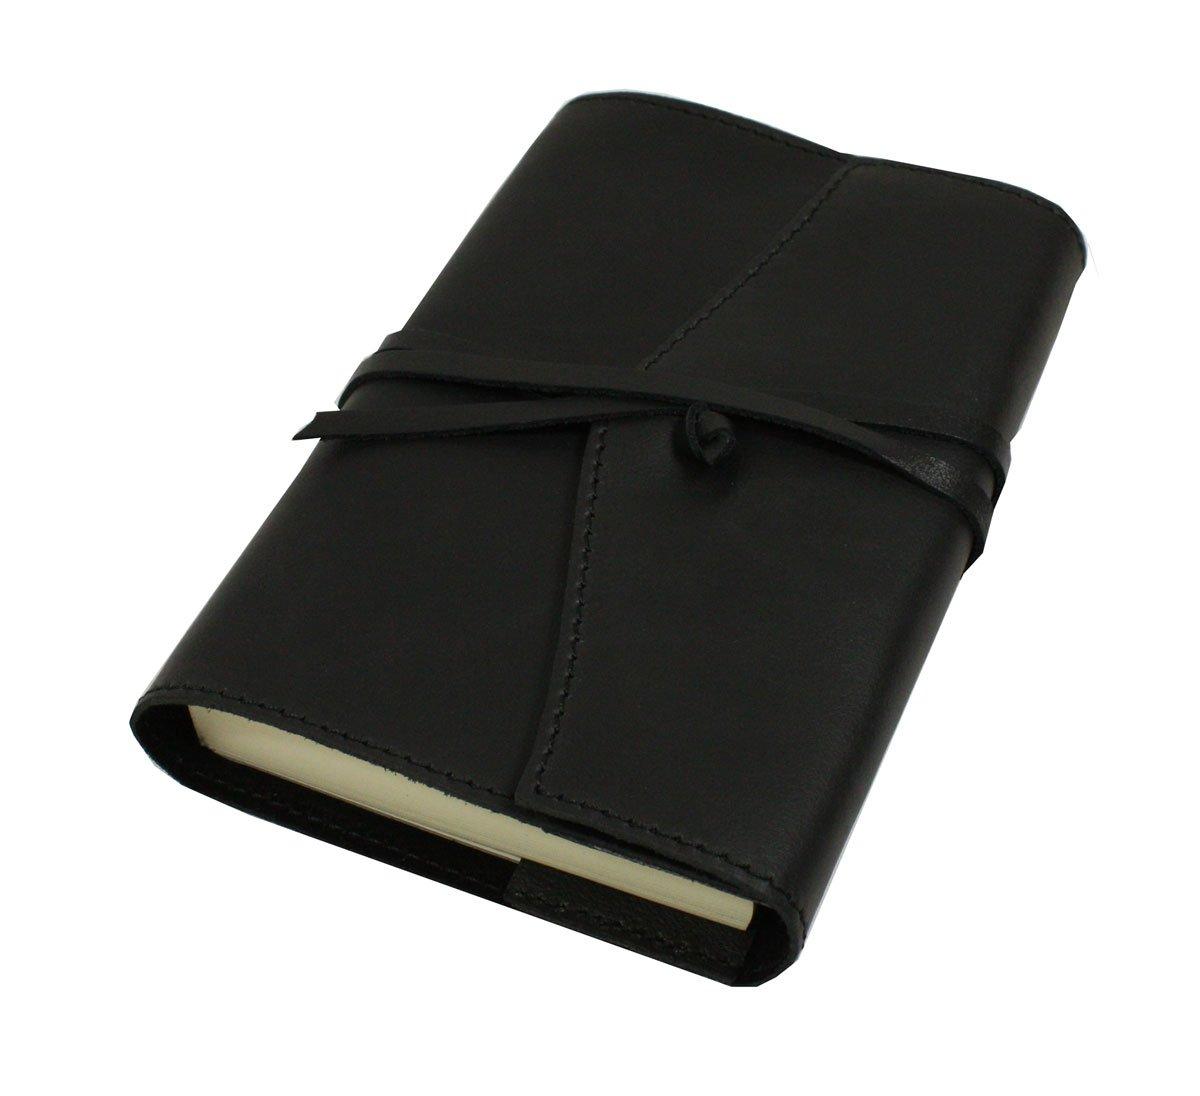 Papuro Milano Adressbuch aus italienischem Leder, handgefertigt, nachfüllbar,9x 13cm, Schwarz nachfü llbar